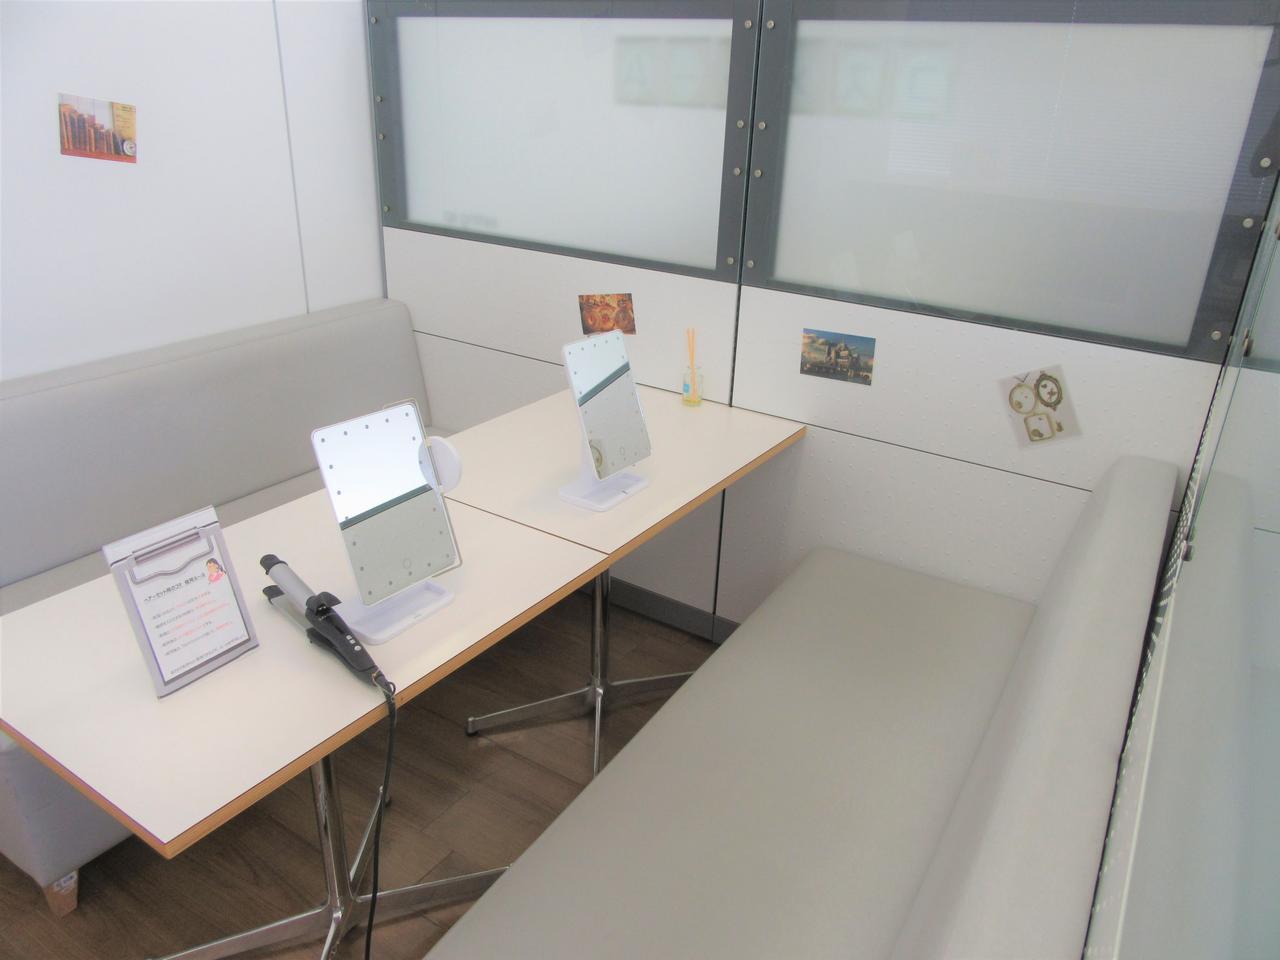 画像1: コテ、ライト付きミラー完備のコスメルーム